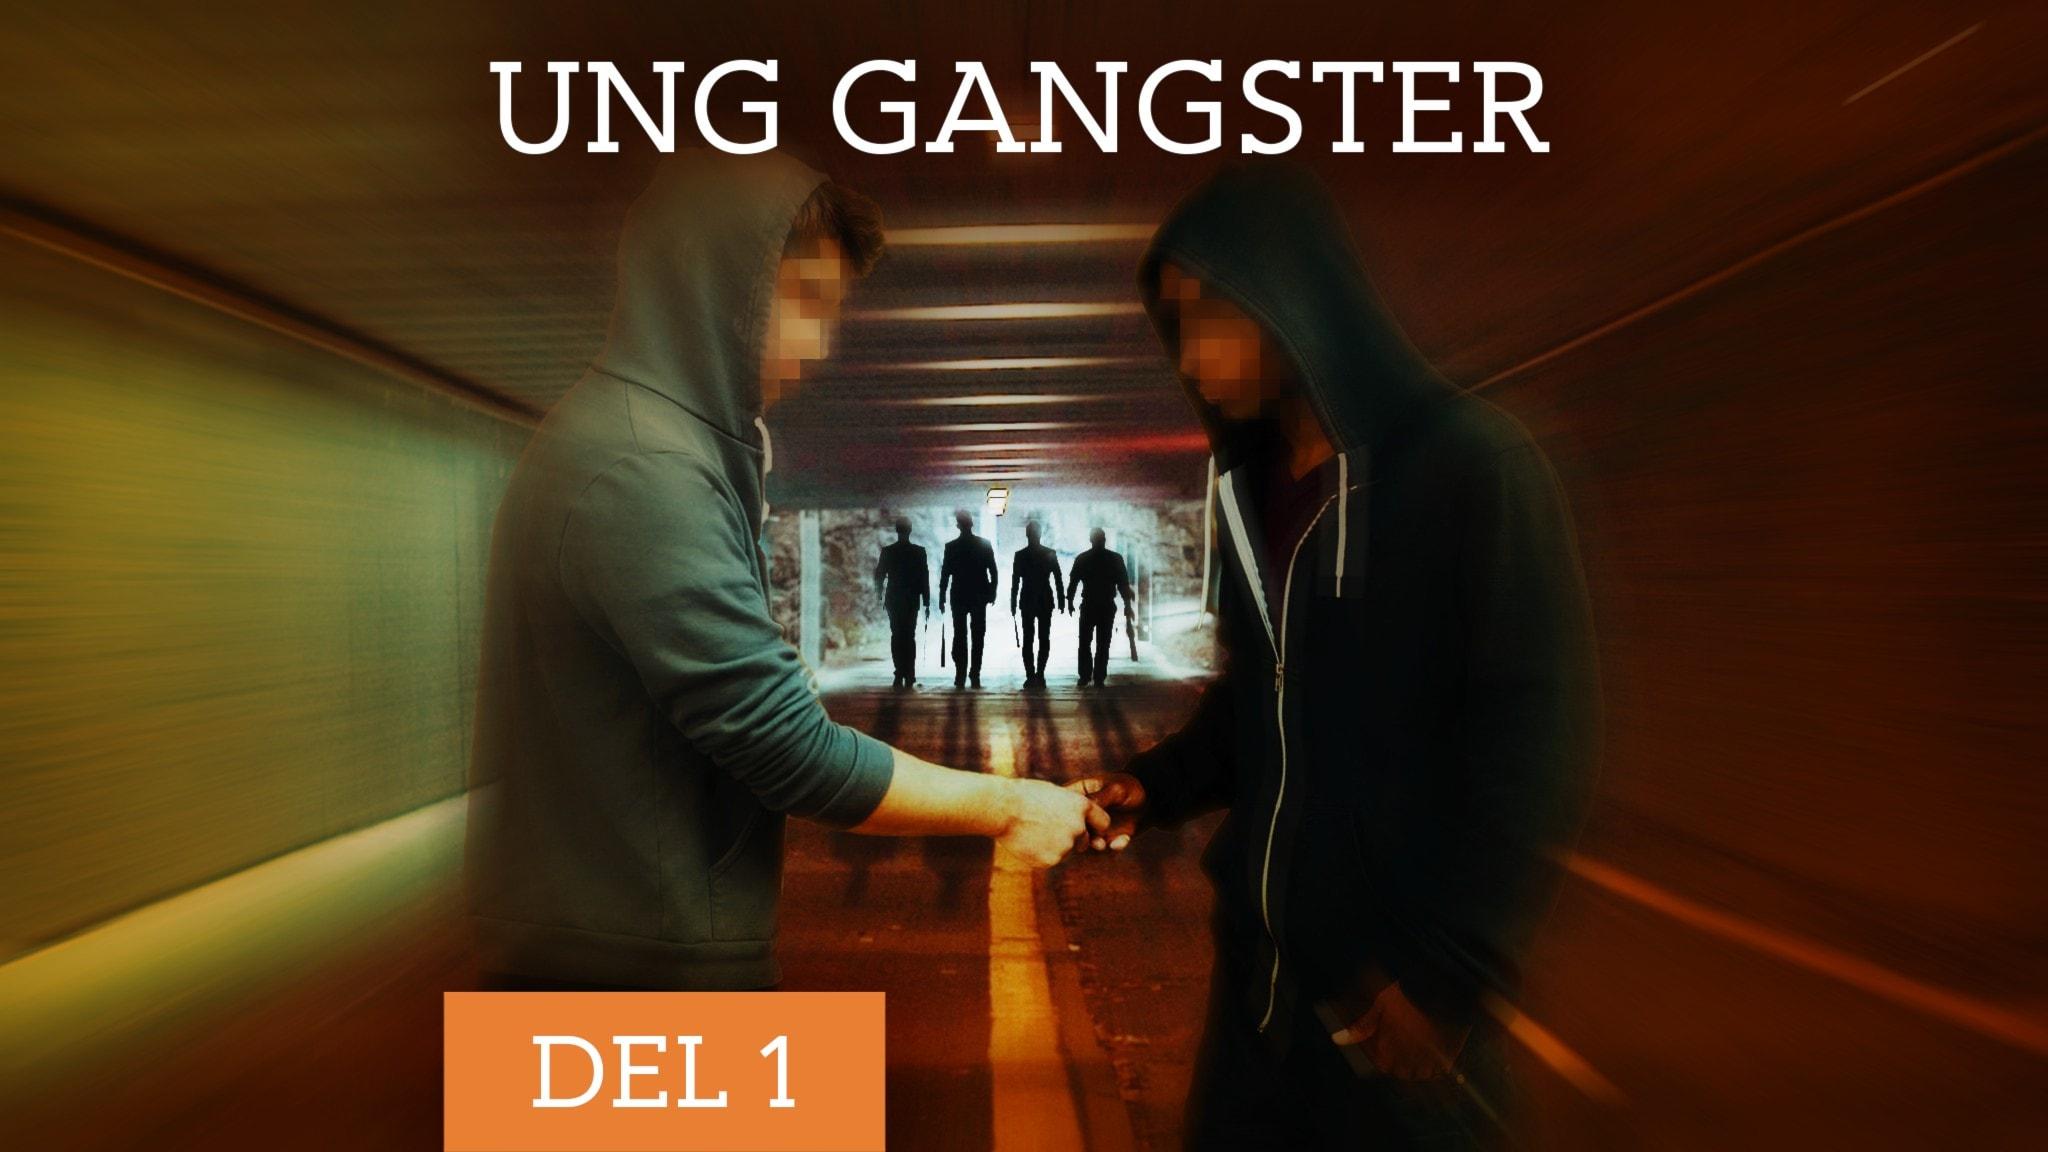 Ung Gangster – Gatan - spela